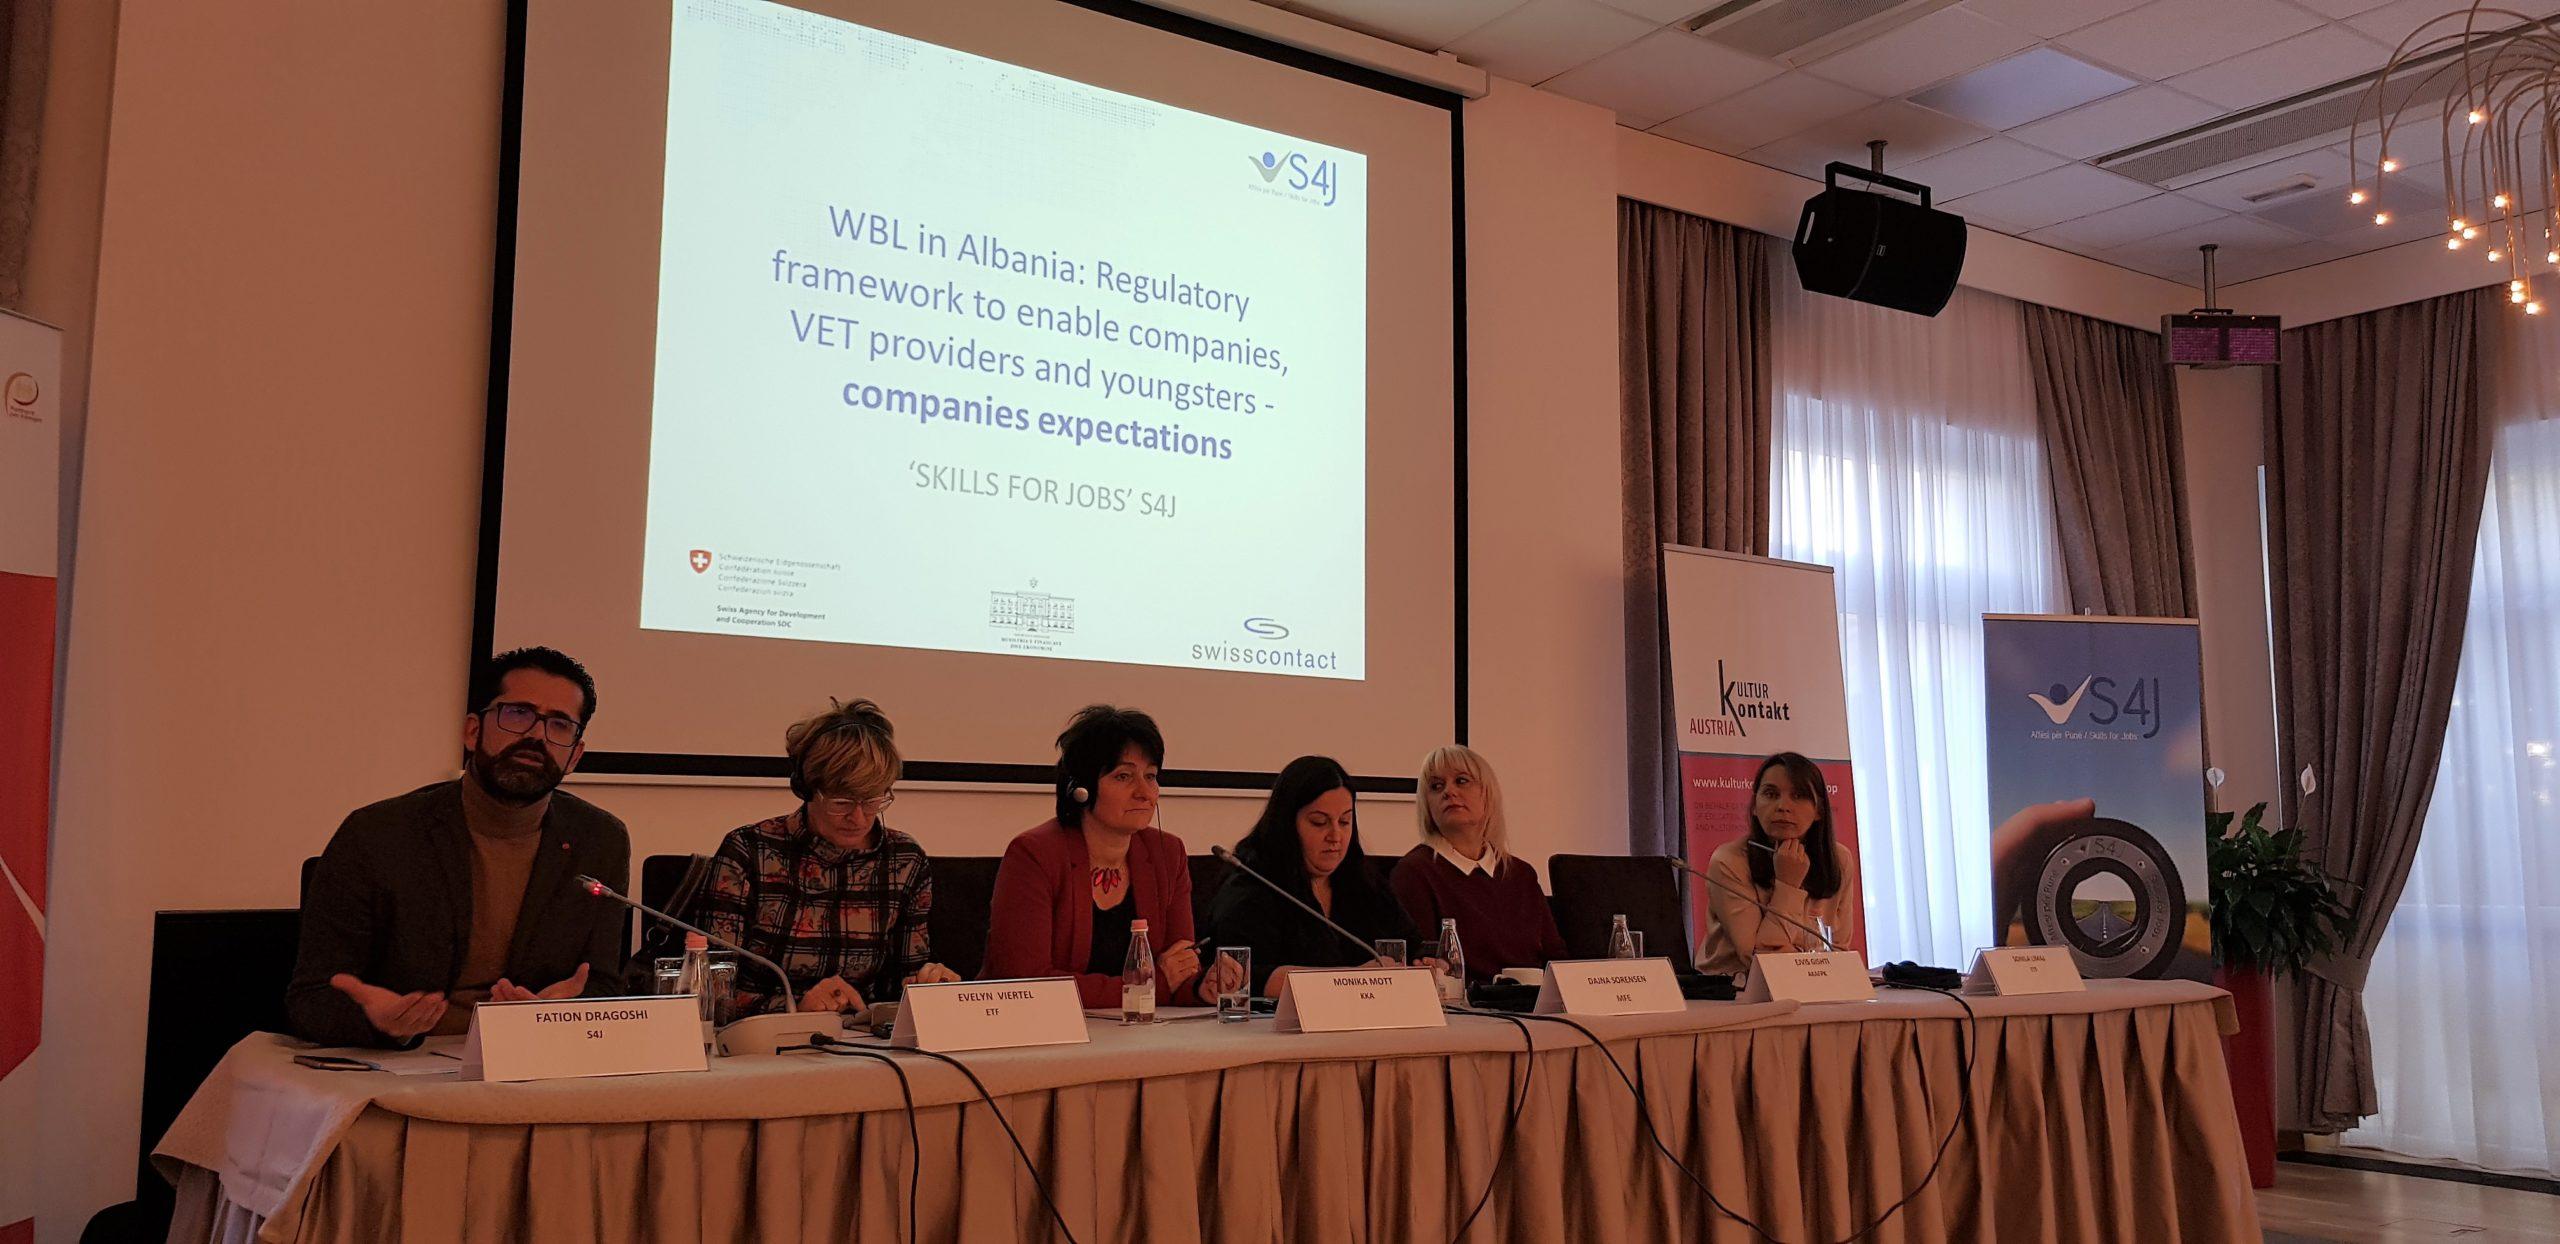 Një hap më shumë për Të Nxënit Nëpërmjet Punës në Shqipëri